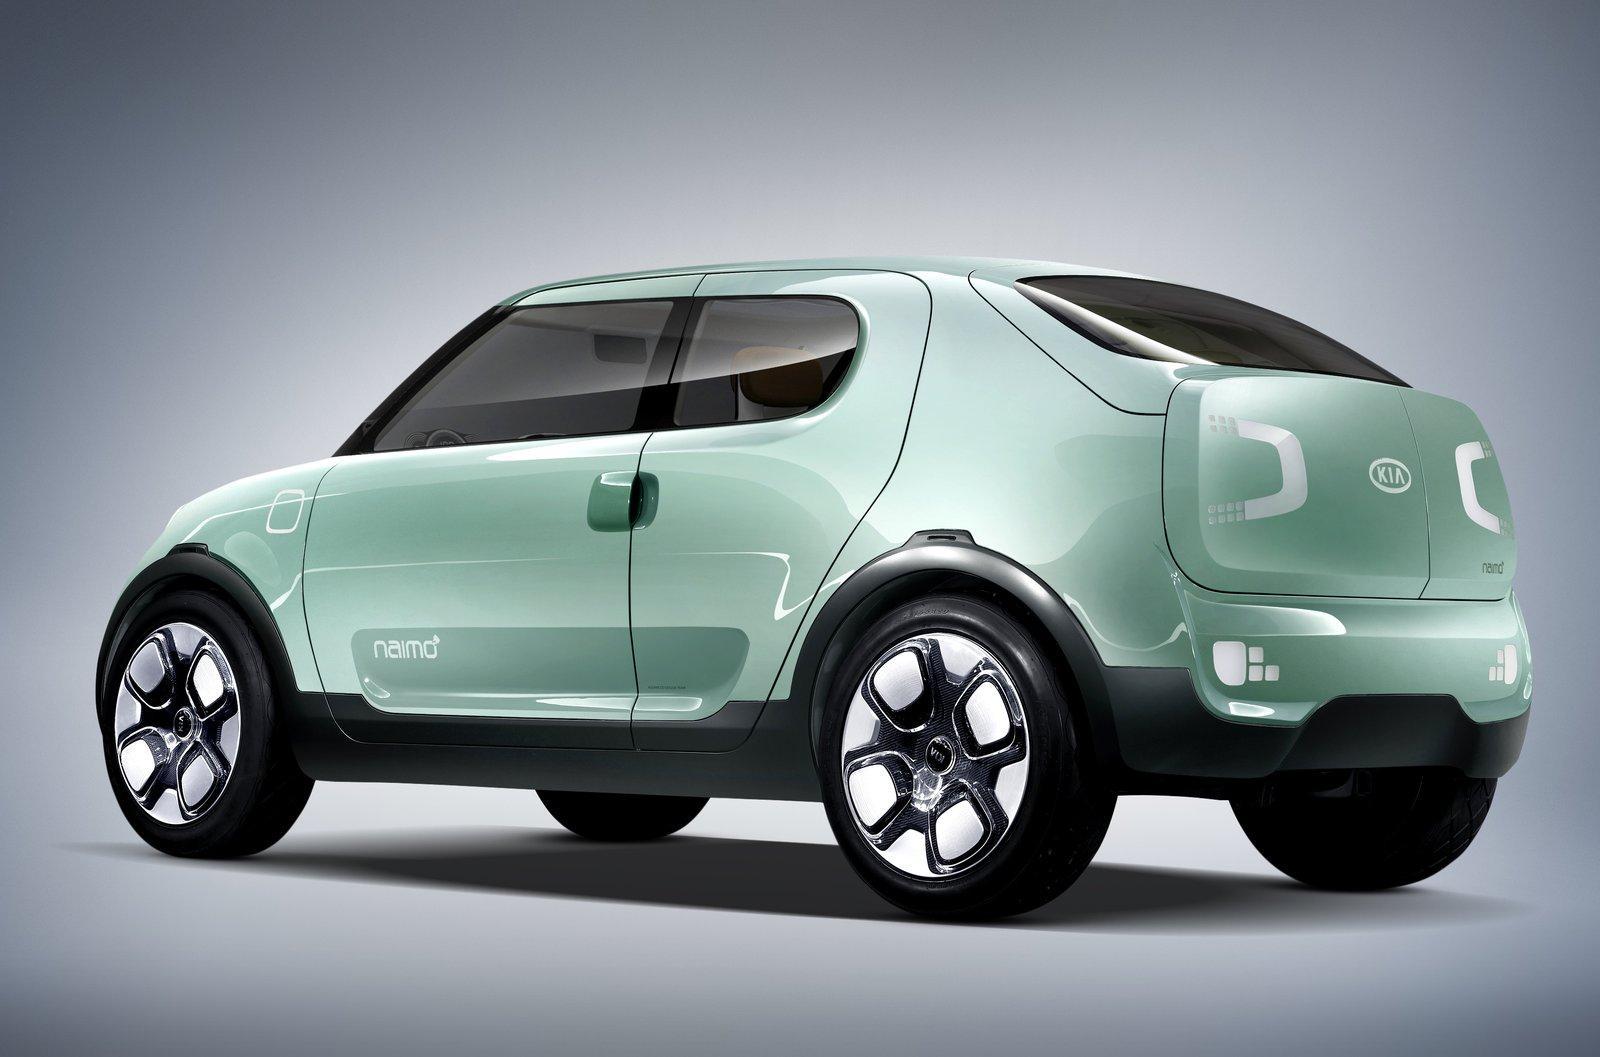 Kia представила в Сеуле электрический Naimo concept